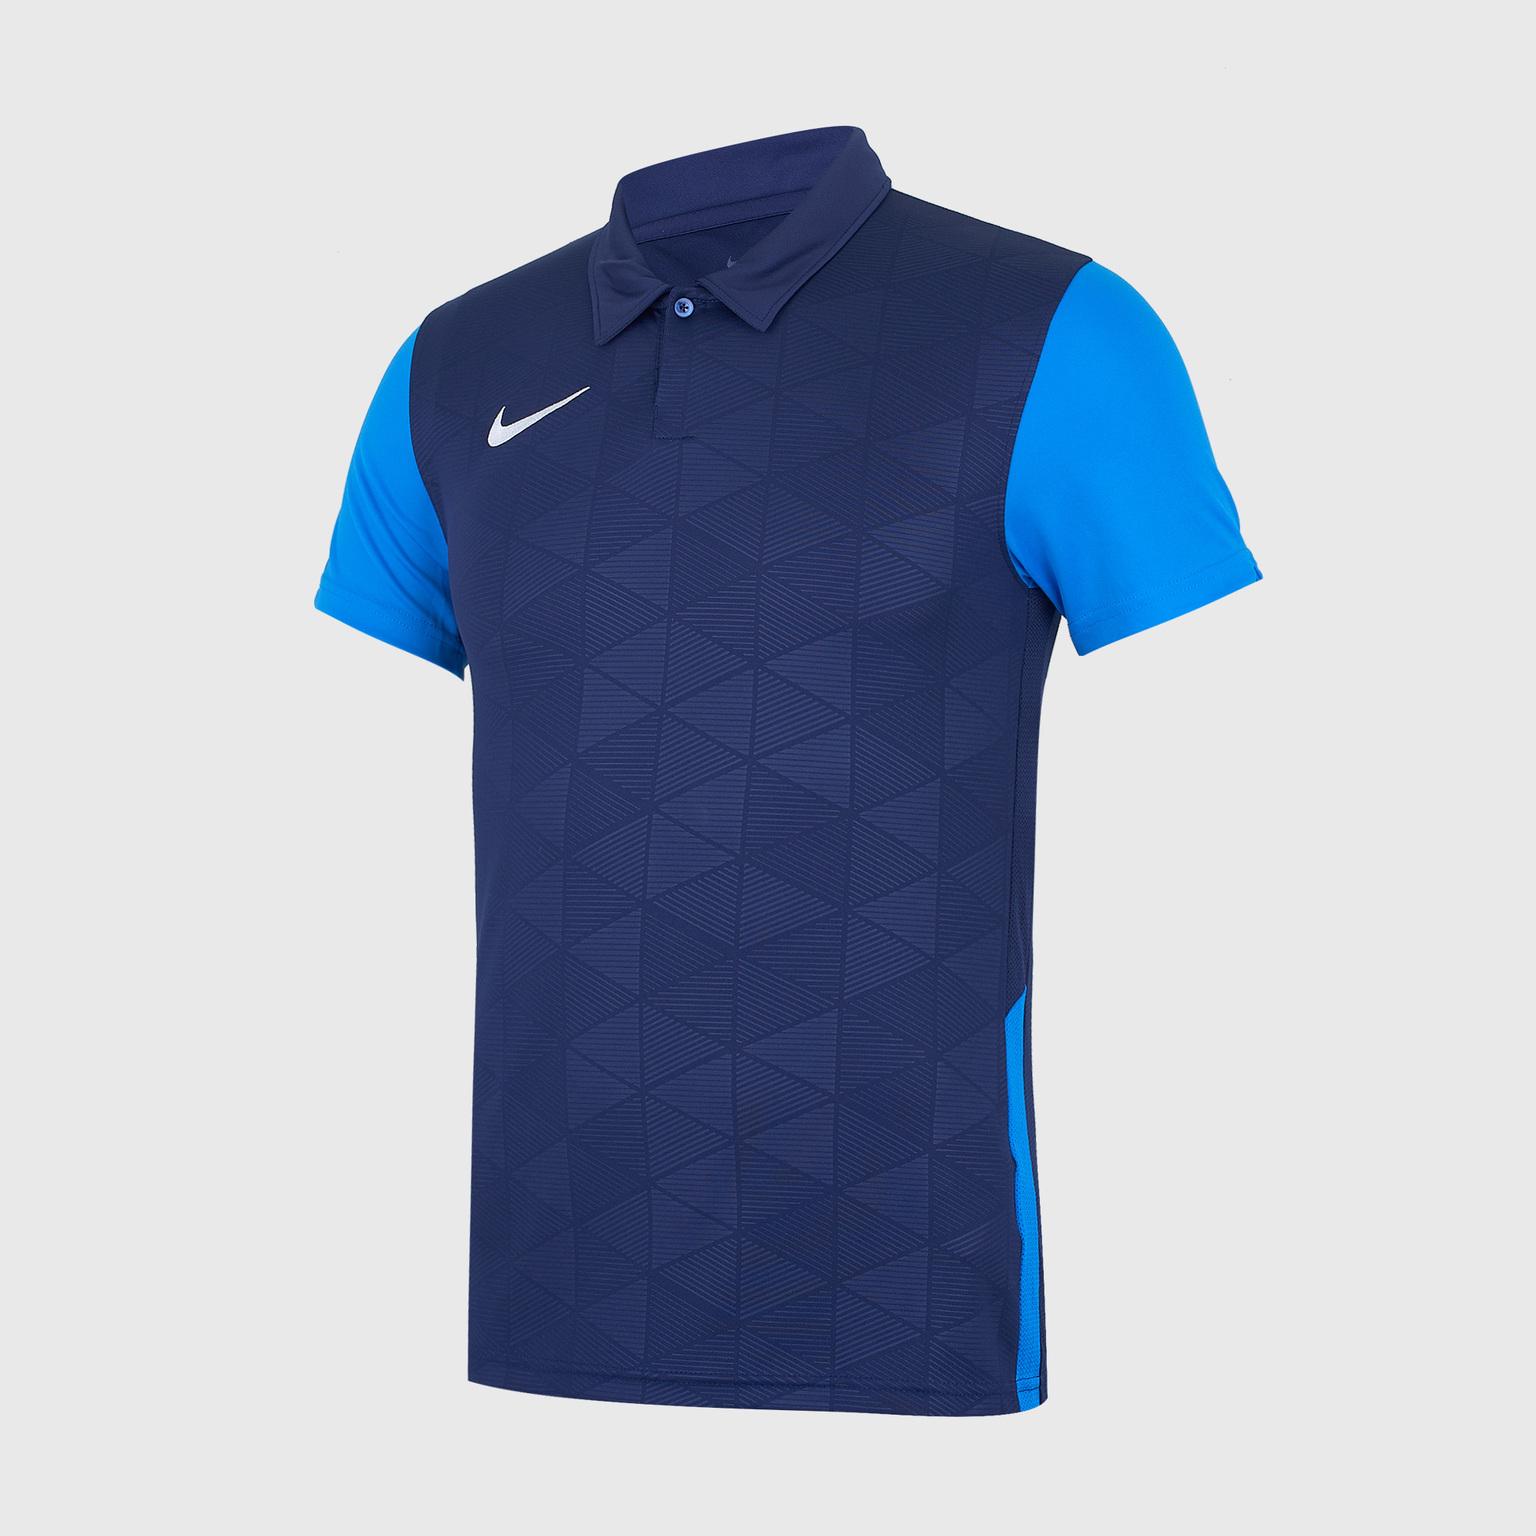 Футболка игровая Nike Trophy IV BV6725-410 футболка игровая nike trophy iv bv6725 413